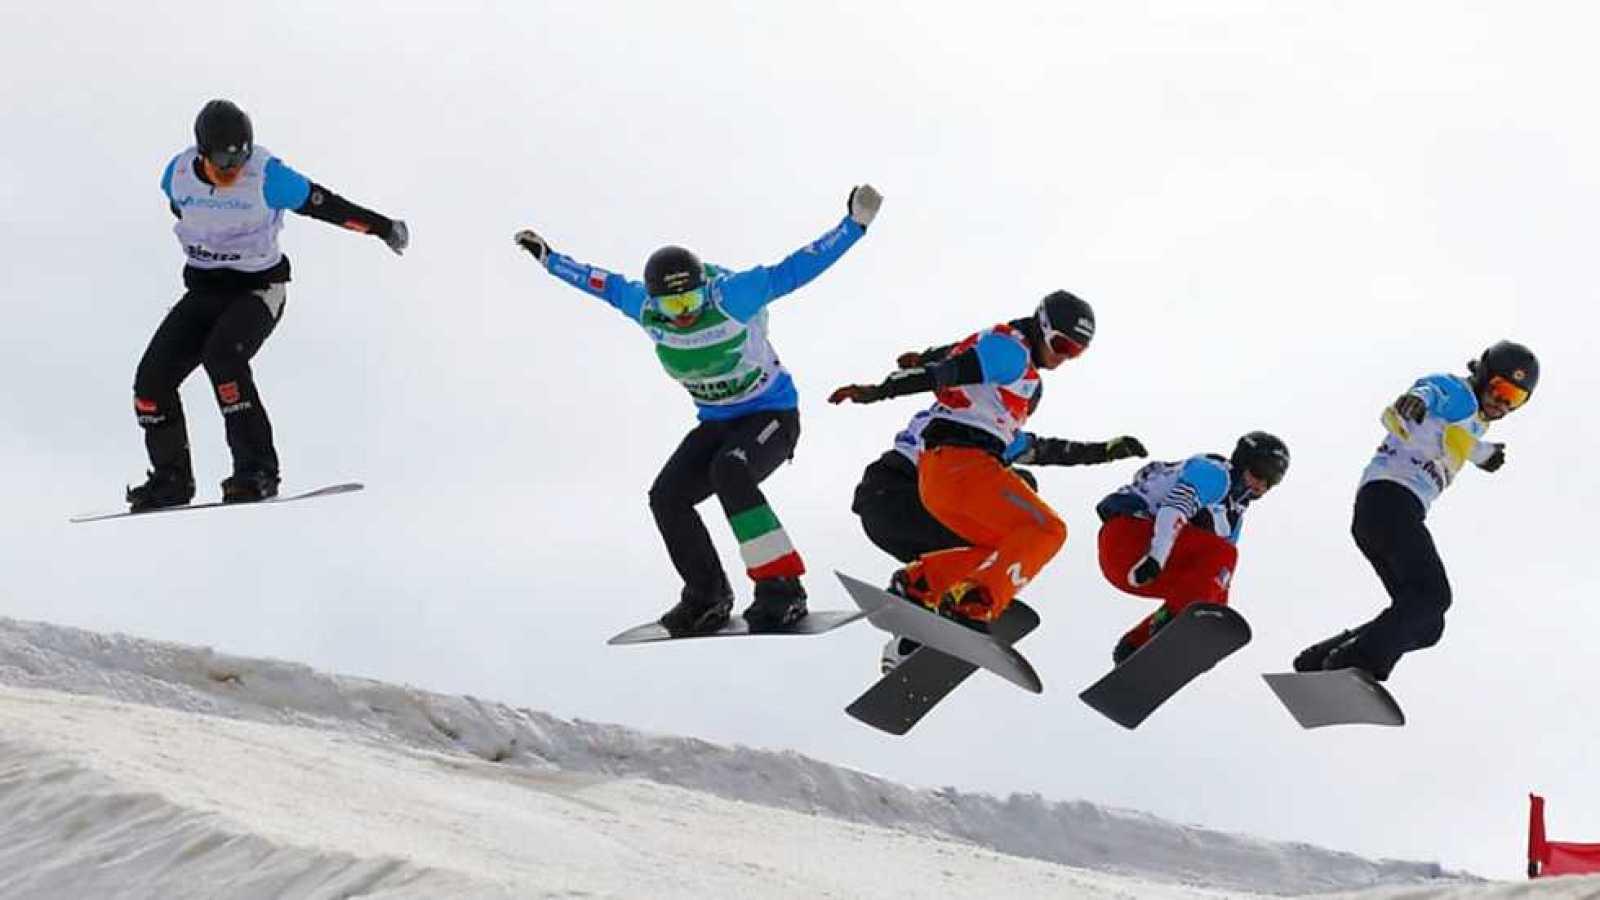 Campeonato del Mundo Snowboard y Freestyle - Snowboard Cross. Finales - ver ahora